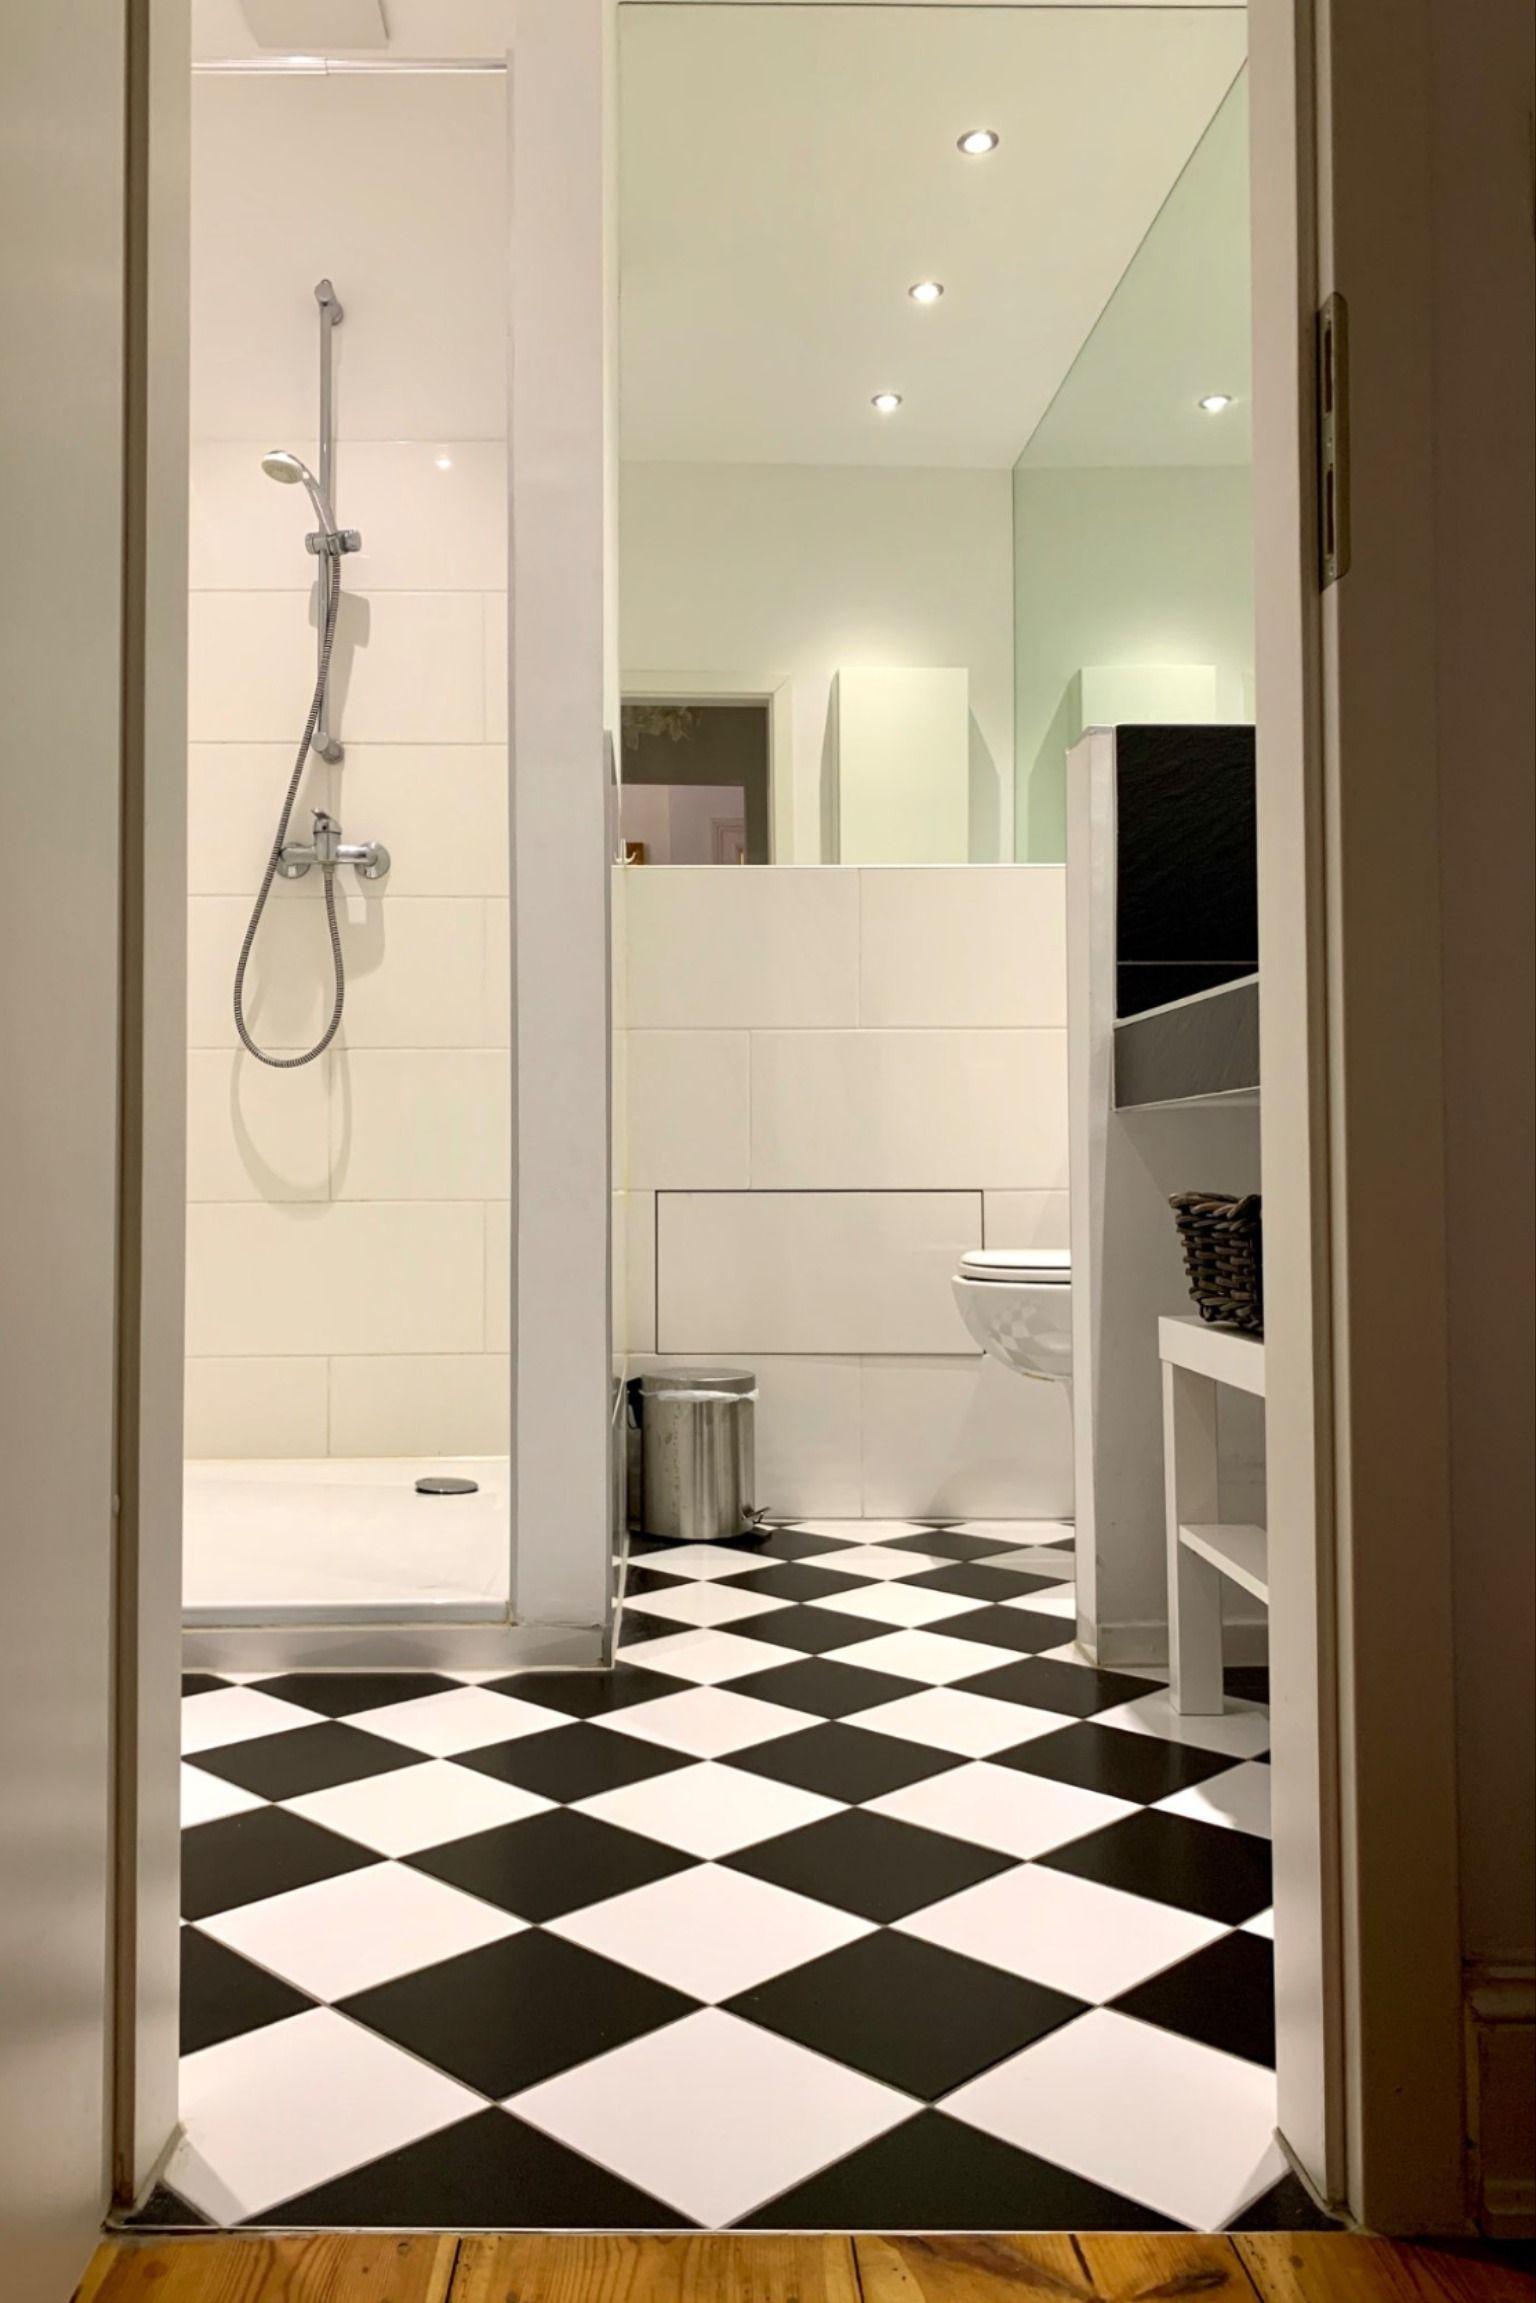 Schwarz Weisse Fliesen Im Bad In 2020 Schone Badezimmer Weisse Fliesen Badezimmer